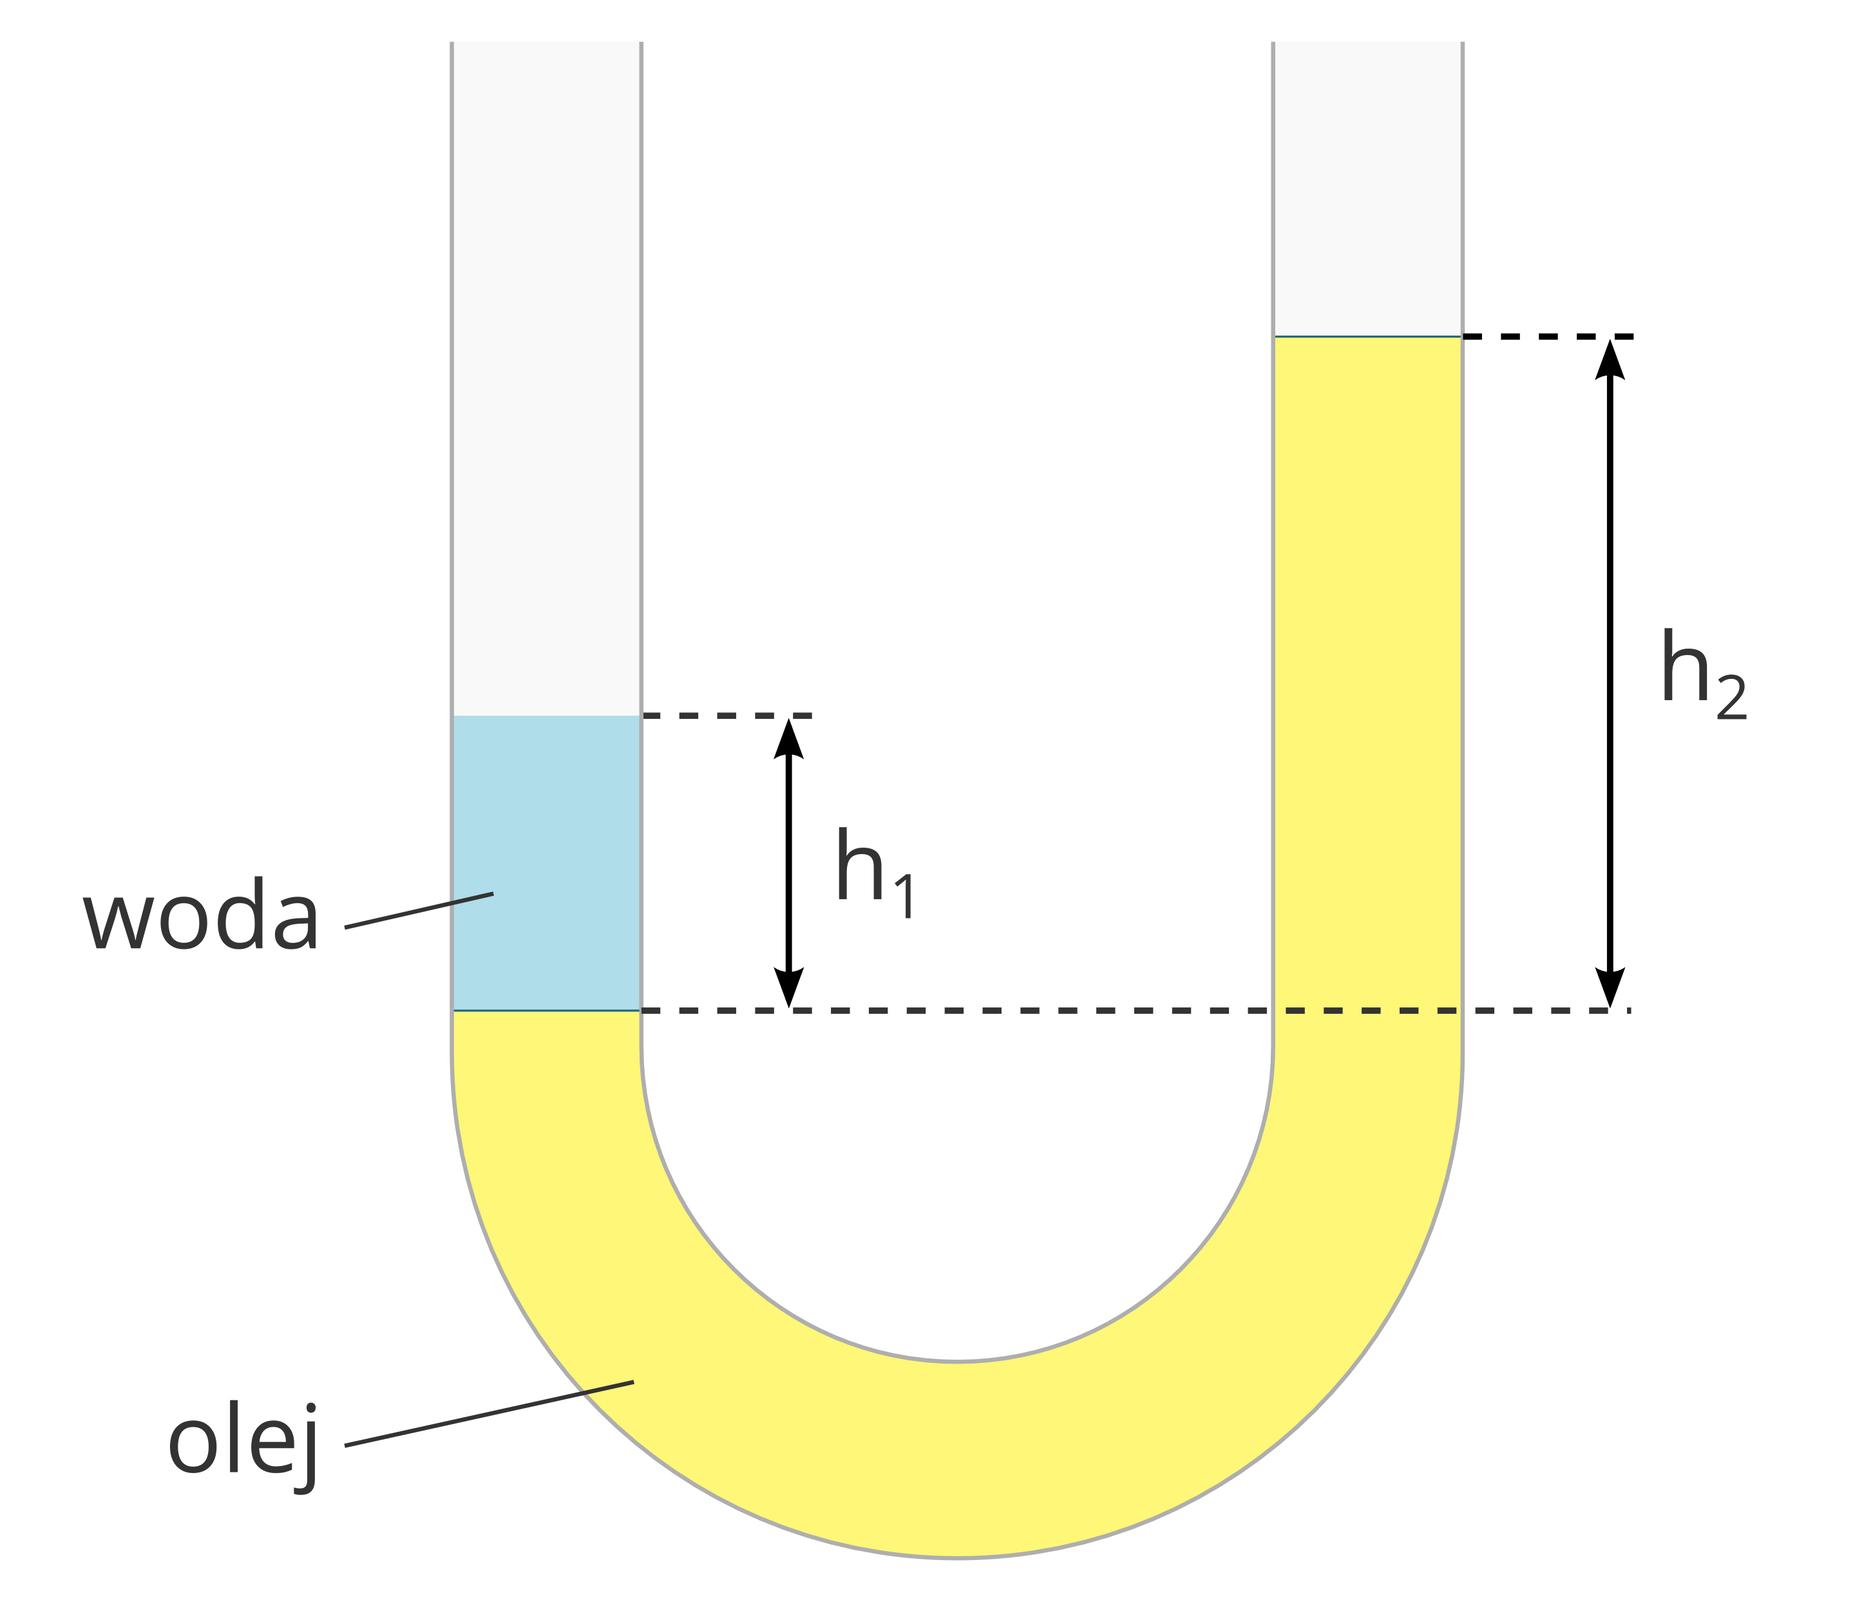 Ilustracja przedstawia rurkę wkształcie litery U. Tło białe. Rurka wypełniona żółtym olejem iczęściowo wodą. Wypełnienie rurki olejem przypomina kształtem literę J. Wlewym wylocie rurki, na oleju unosi się warstwa wody. Poziom wody jest niższy, niż poziom oleju wprawej części rurki.